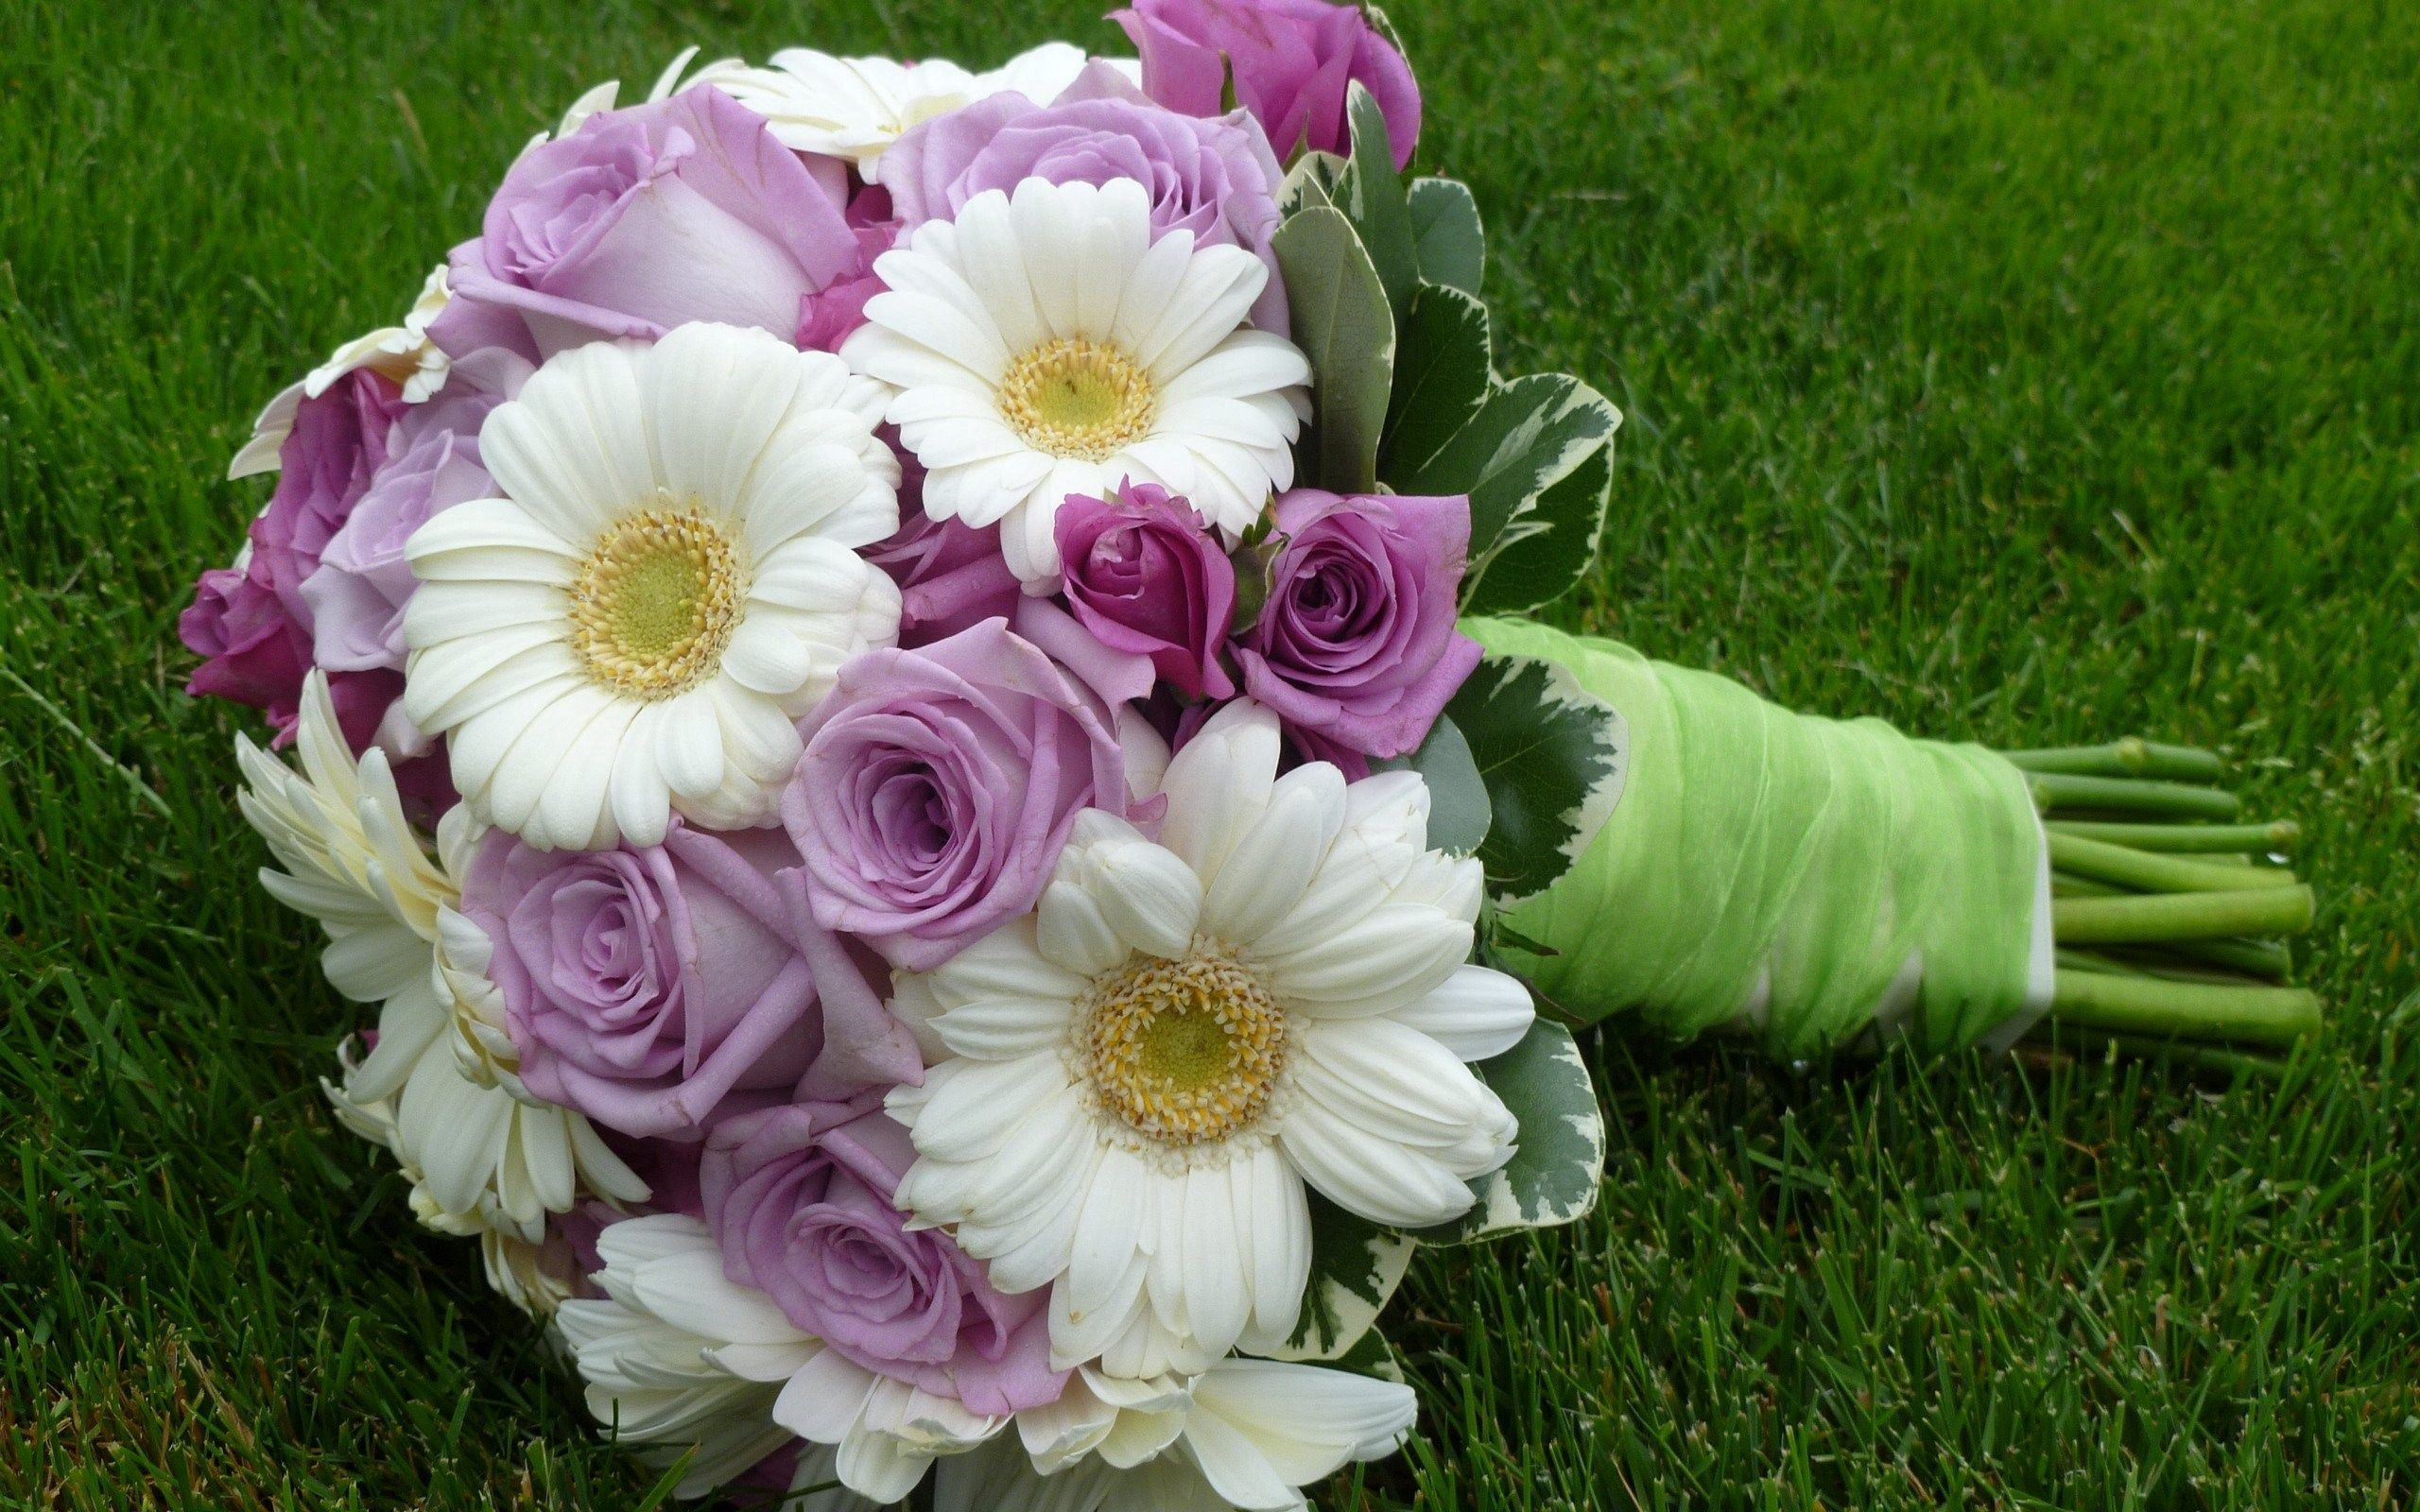 151043 скачать обои Цветы, Букет, Оформление, Розы, Герберы - заставки и картинки бесплатно